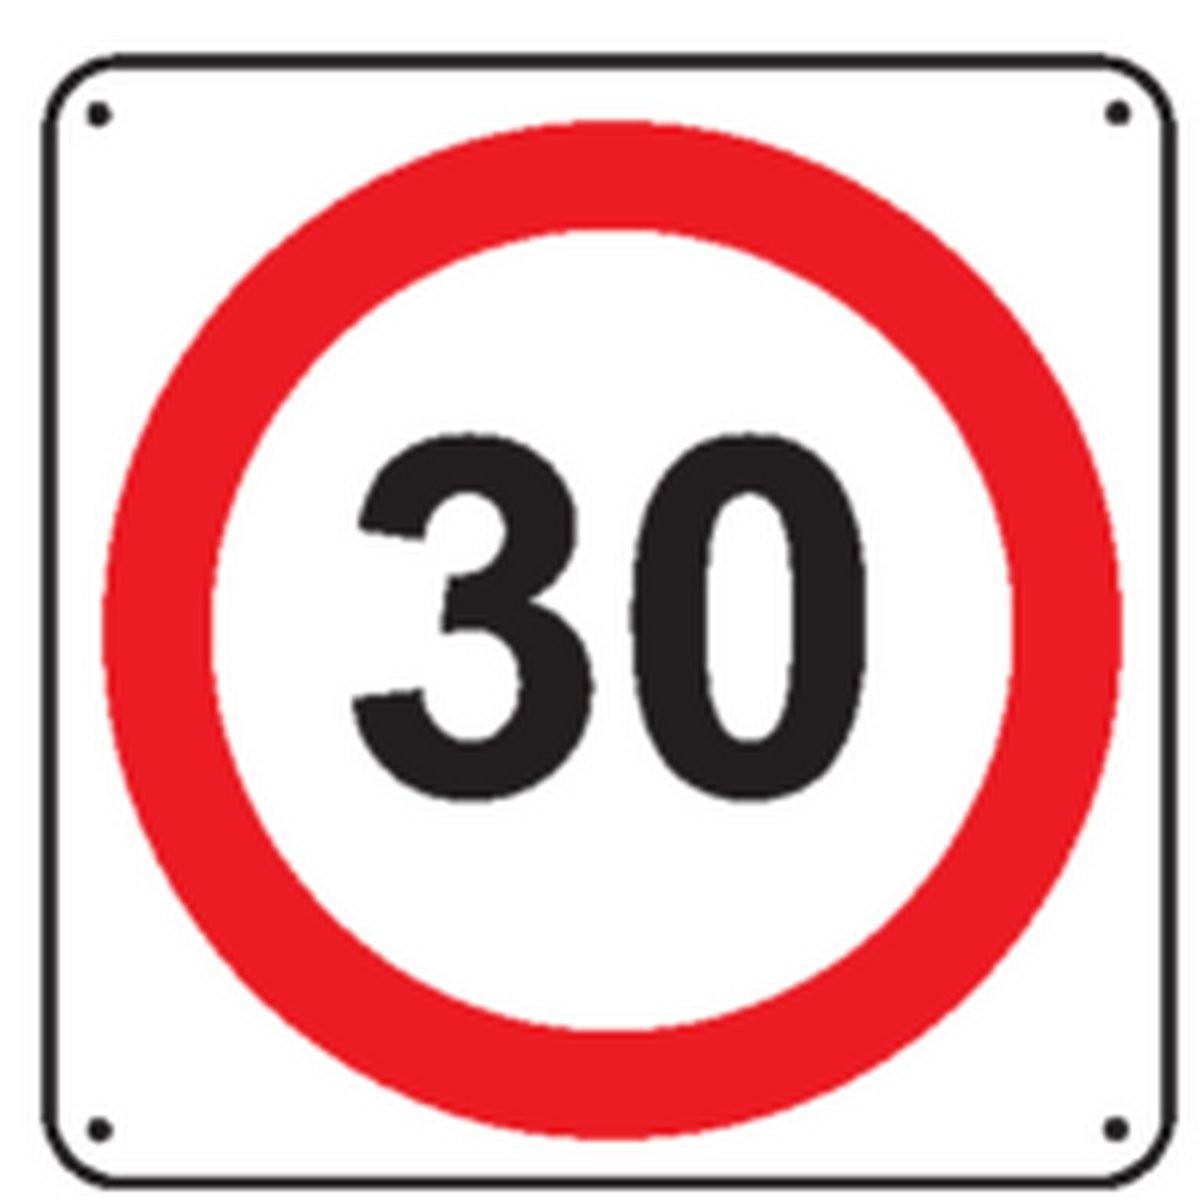 Panneau 30 Km/h